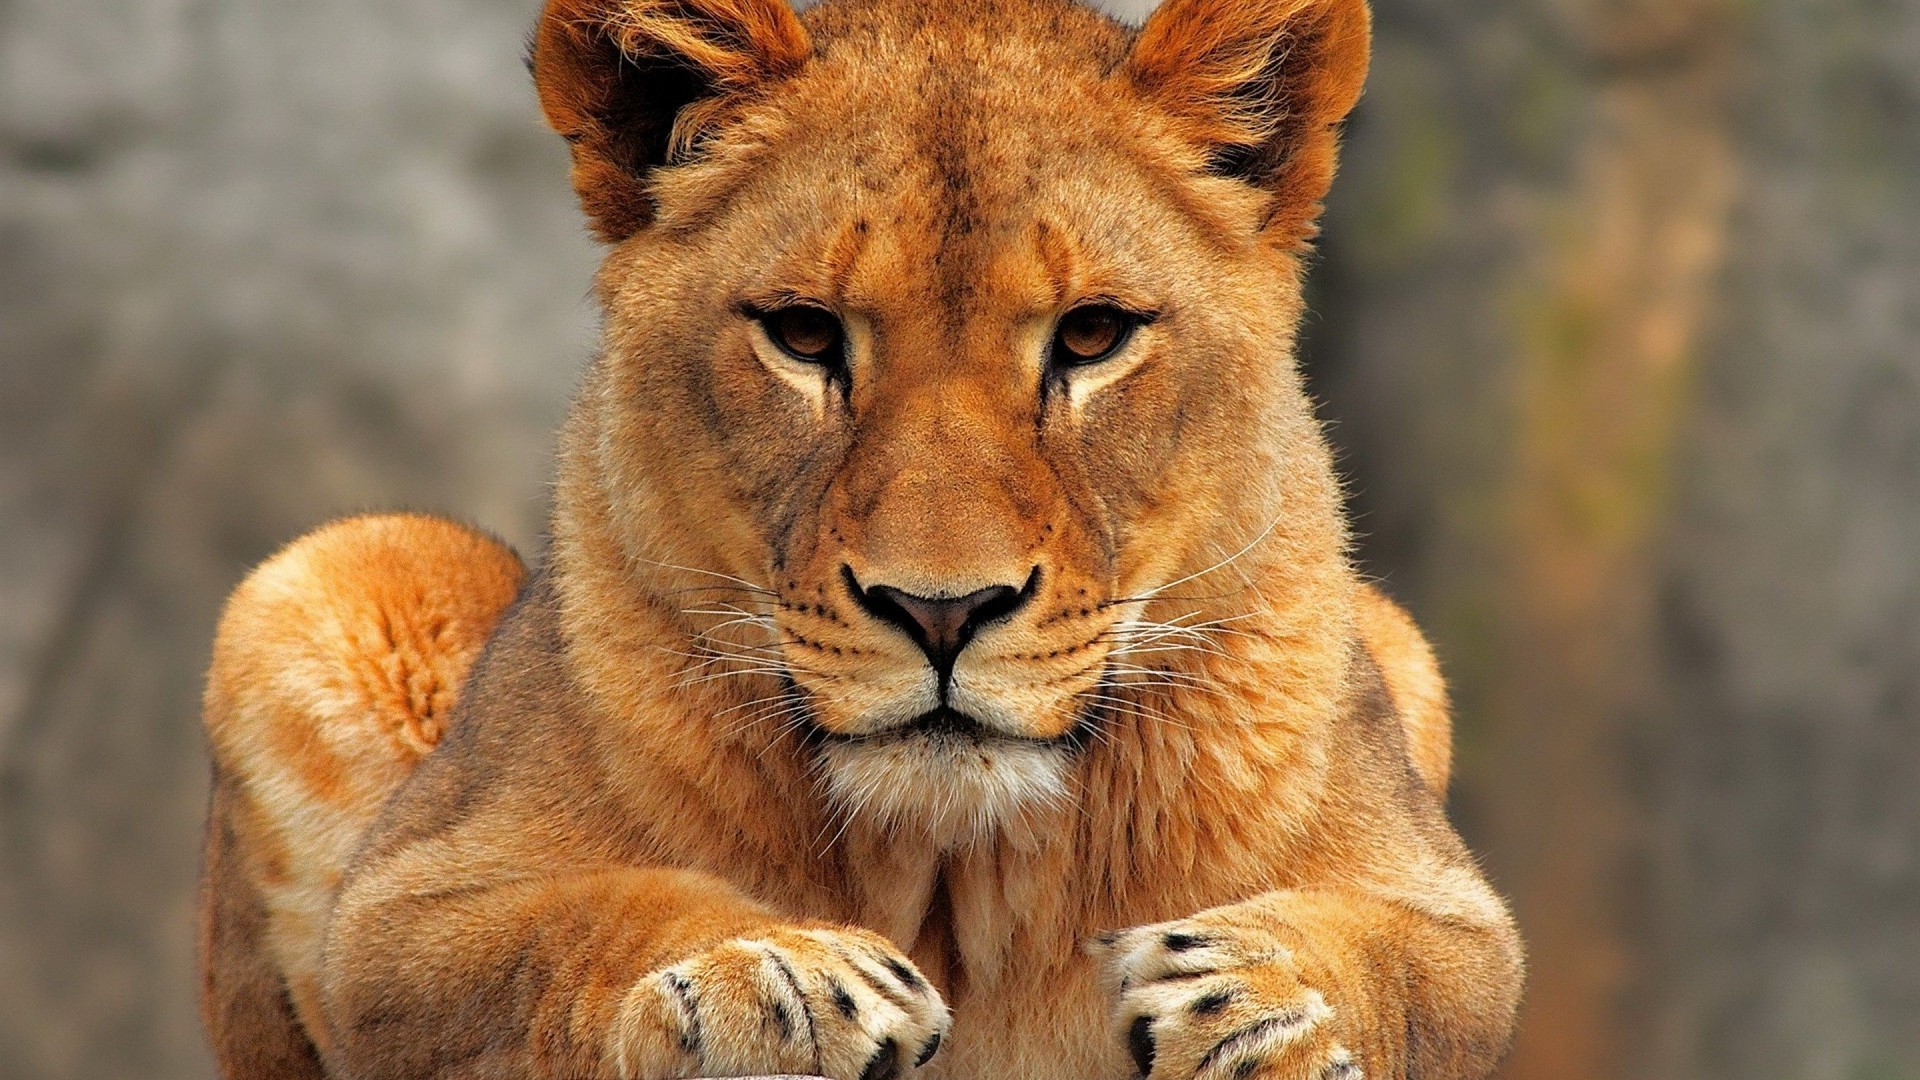 Close Up Lioness Wallpaper 40730